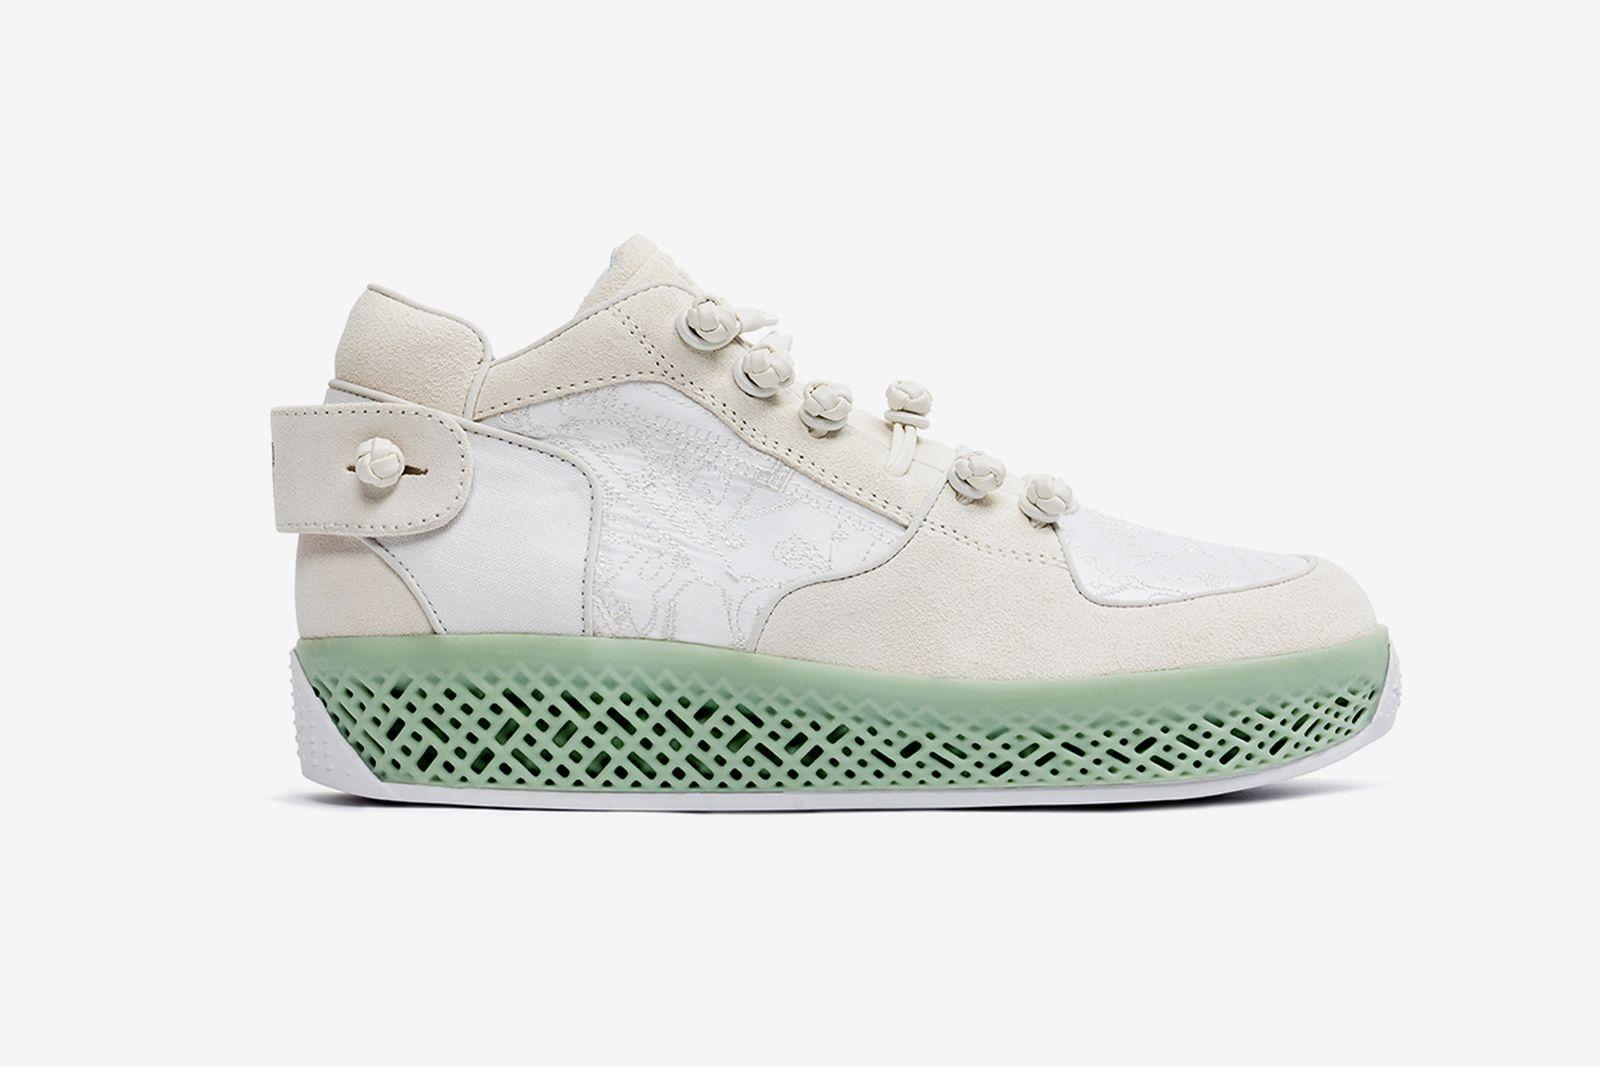 shang-zia-shuneaker-release-date-price-02